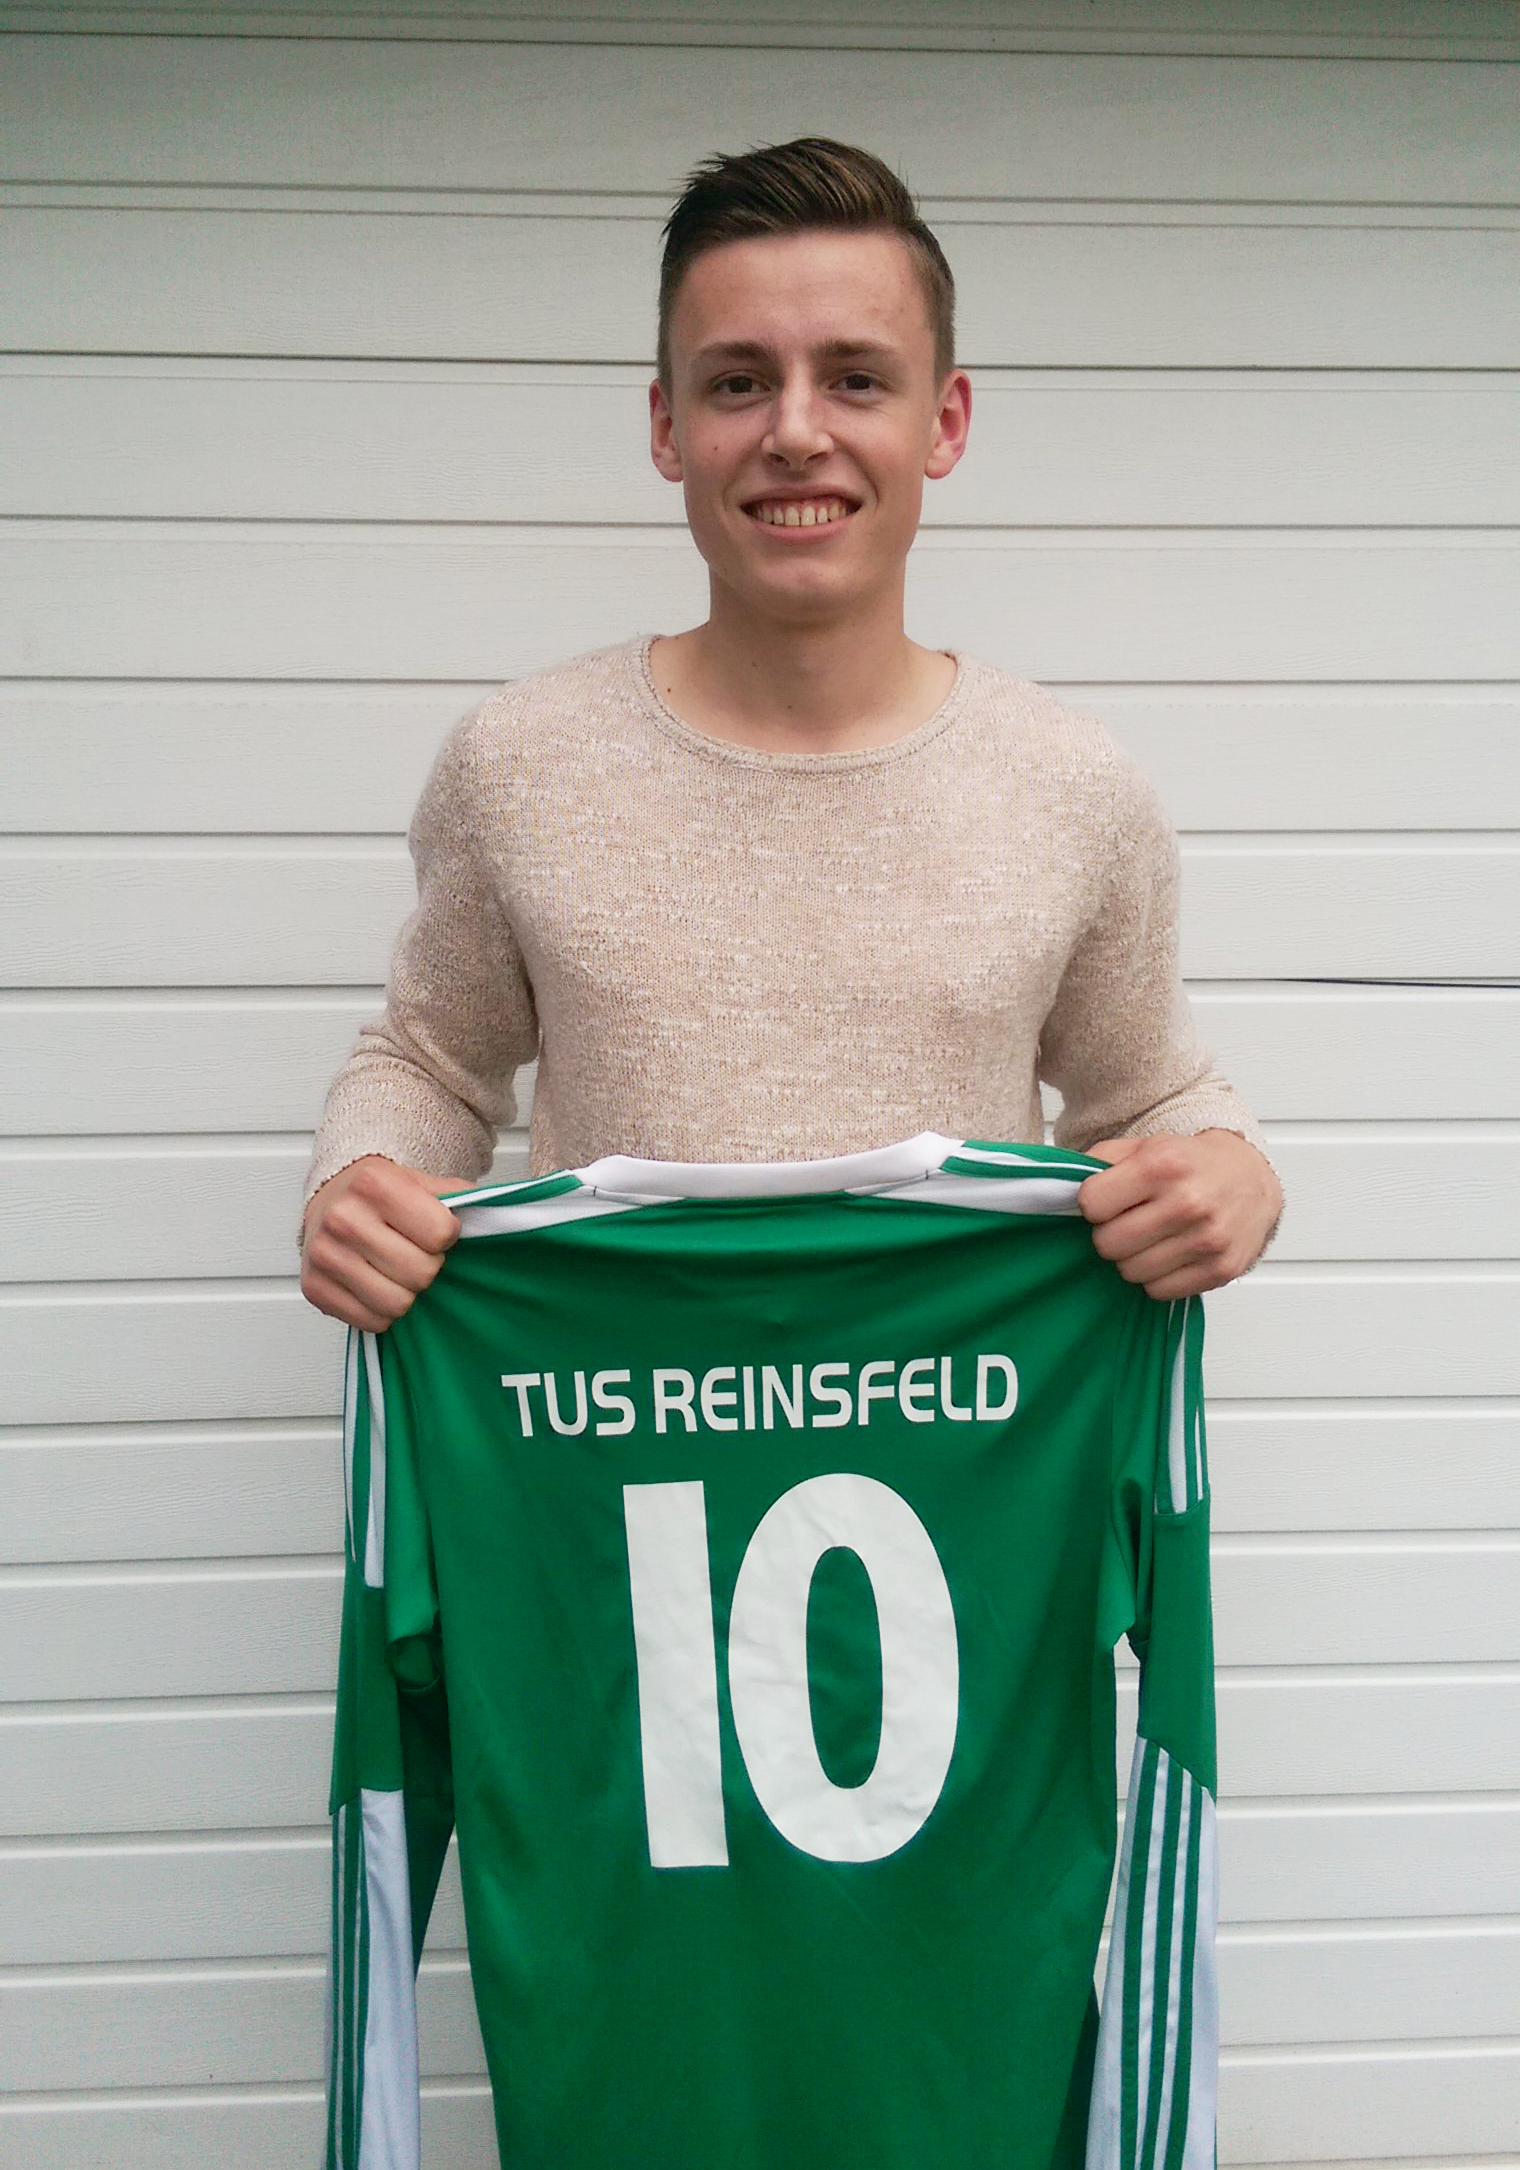 [Transfermarkt] Nils Hemmes nach 7 Jahren wieder im Grün-Weißen Trikot